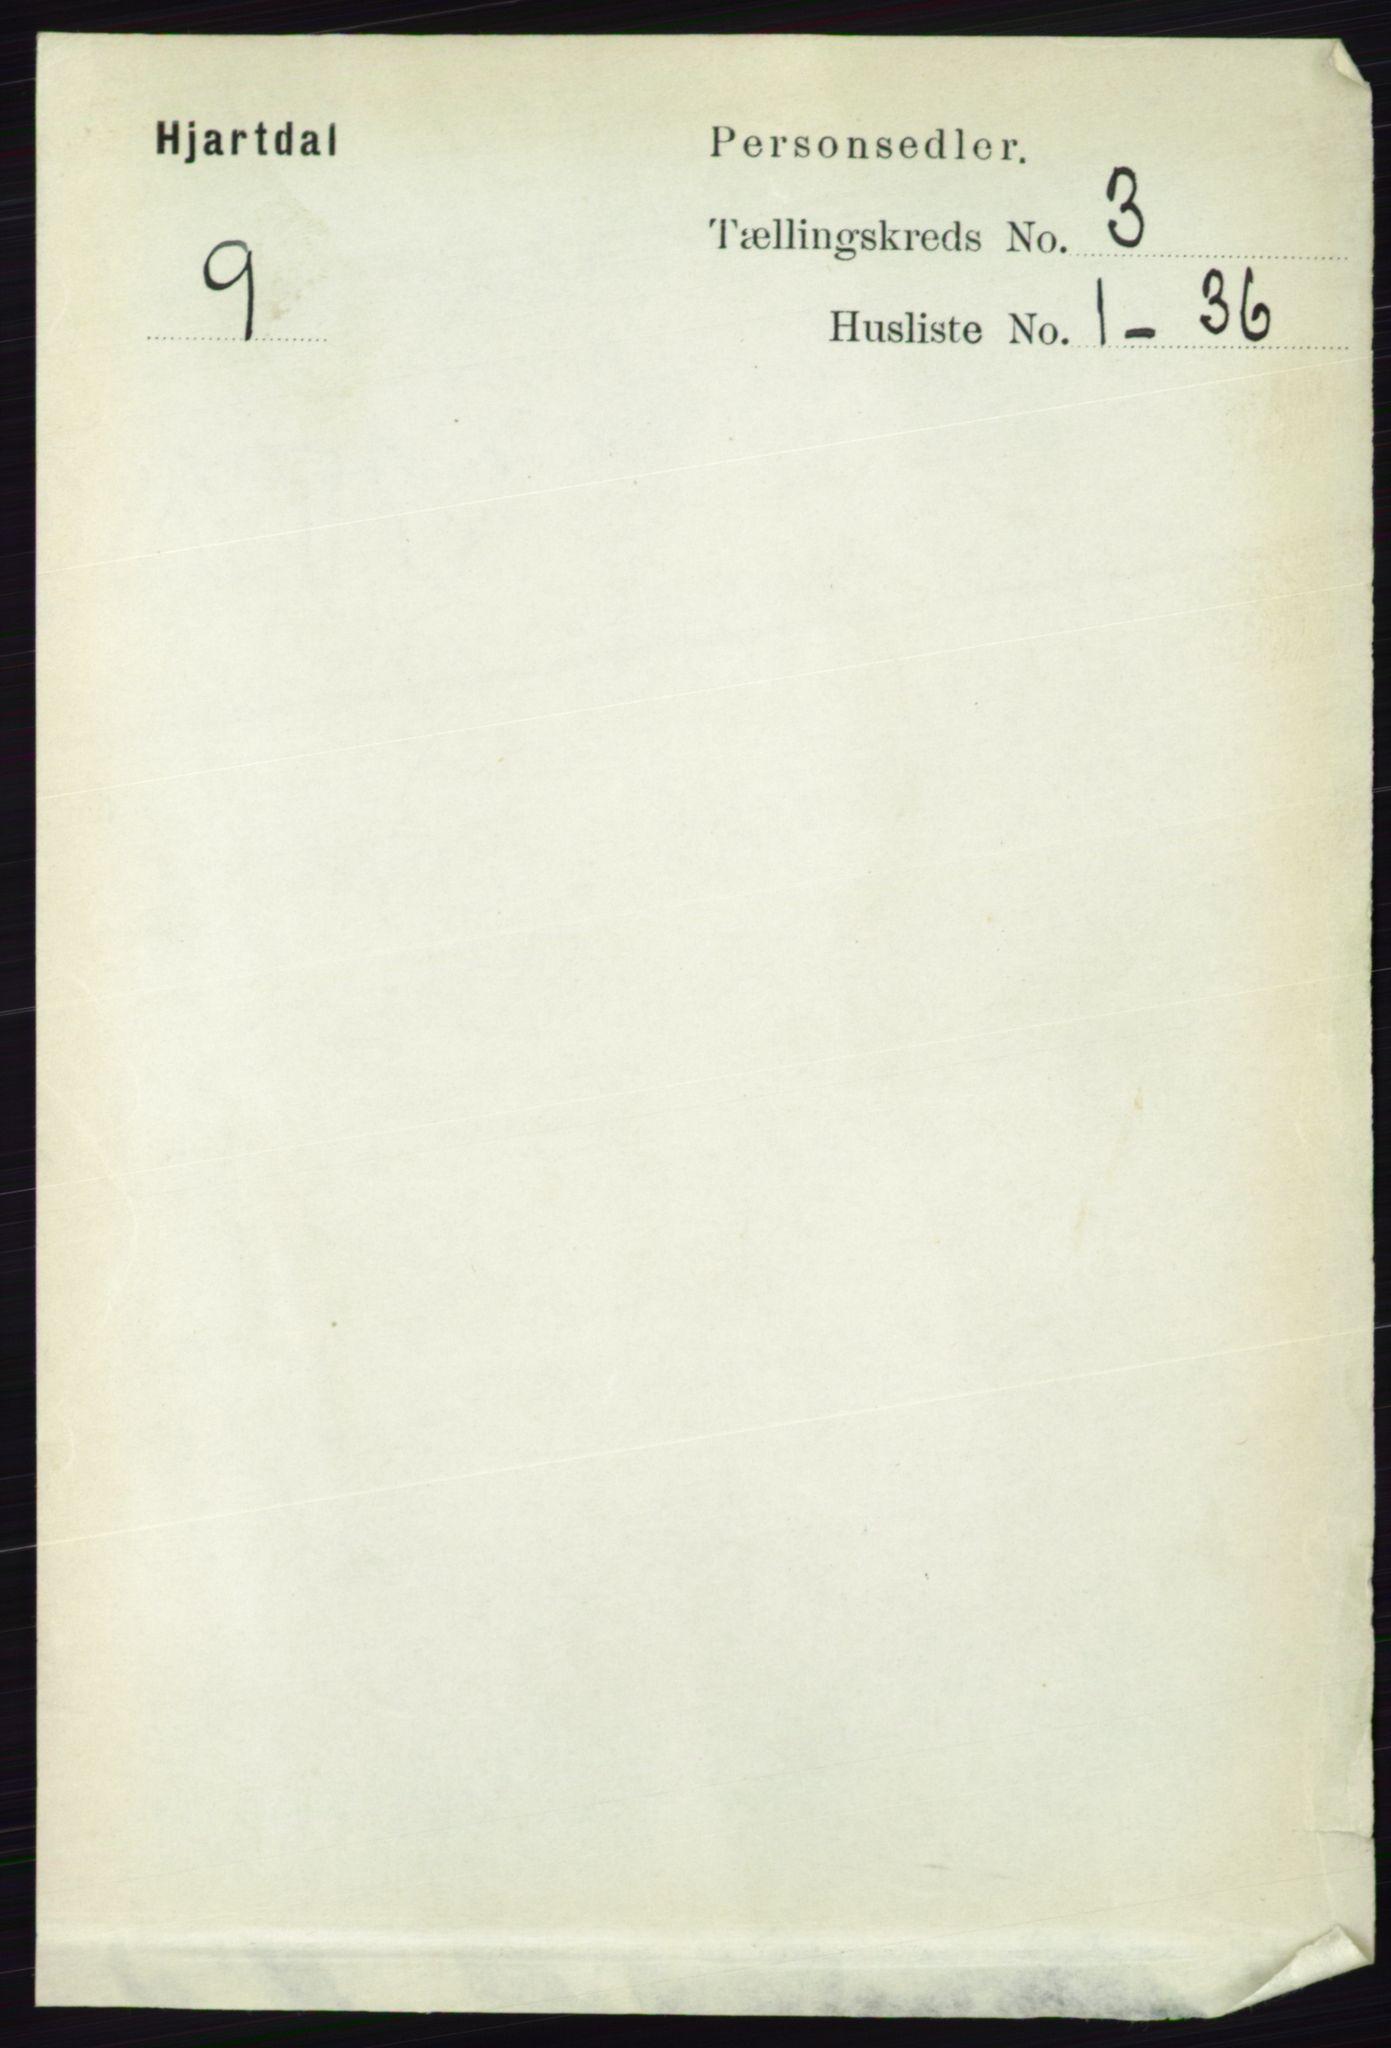 RA, Folketelling 1891 for 0827 Hjartdal herred, 1891, s. 1050